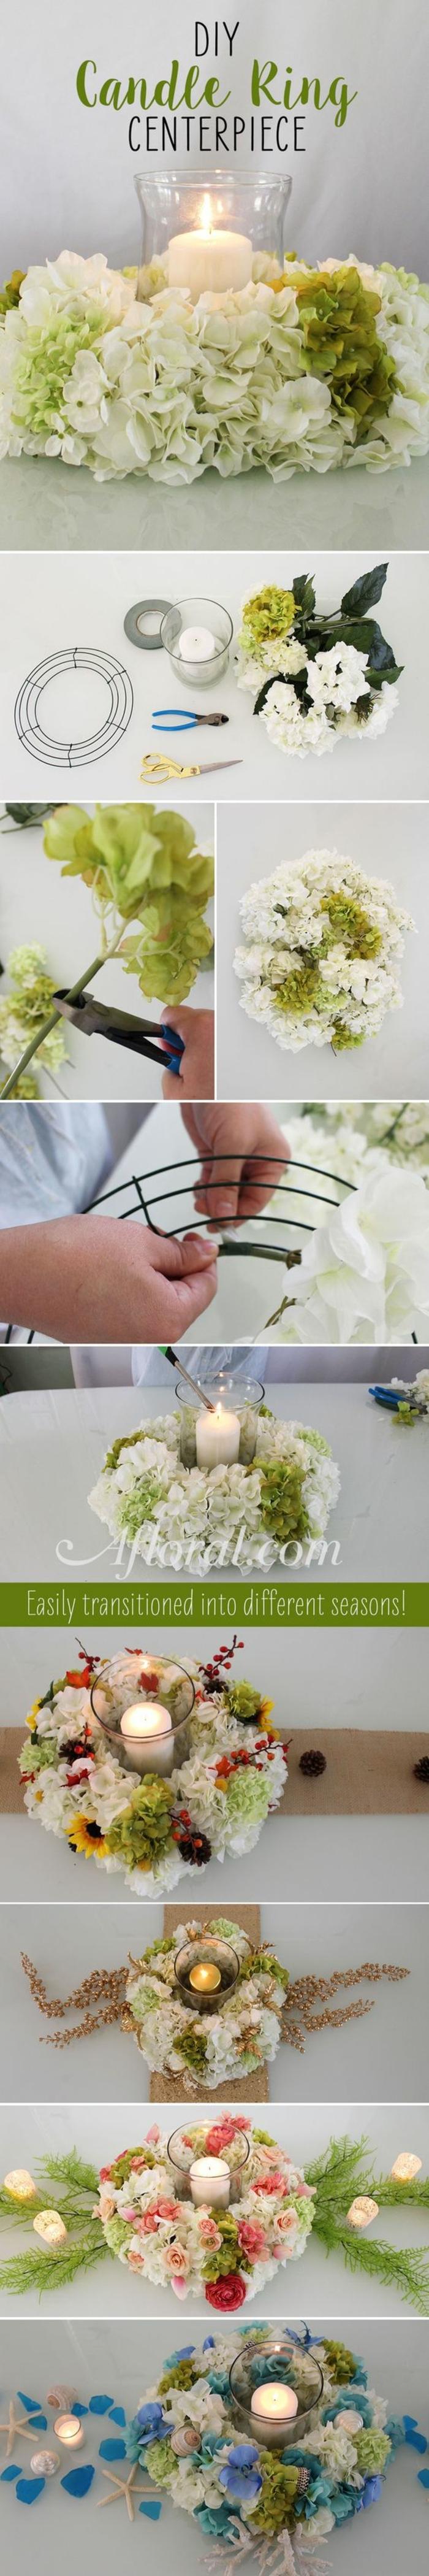 tischdeko geburtstag, eine idee mit blumen und kerzen, elegante tischdekorationen selber gestalten, weiß und grün deko